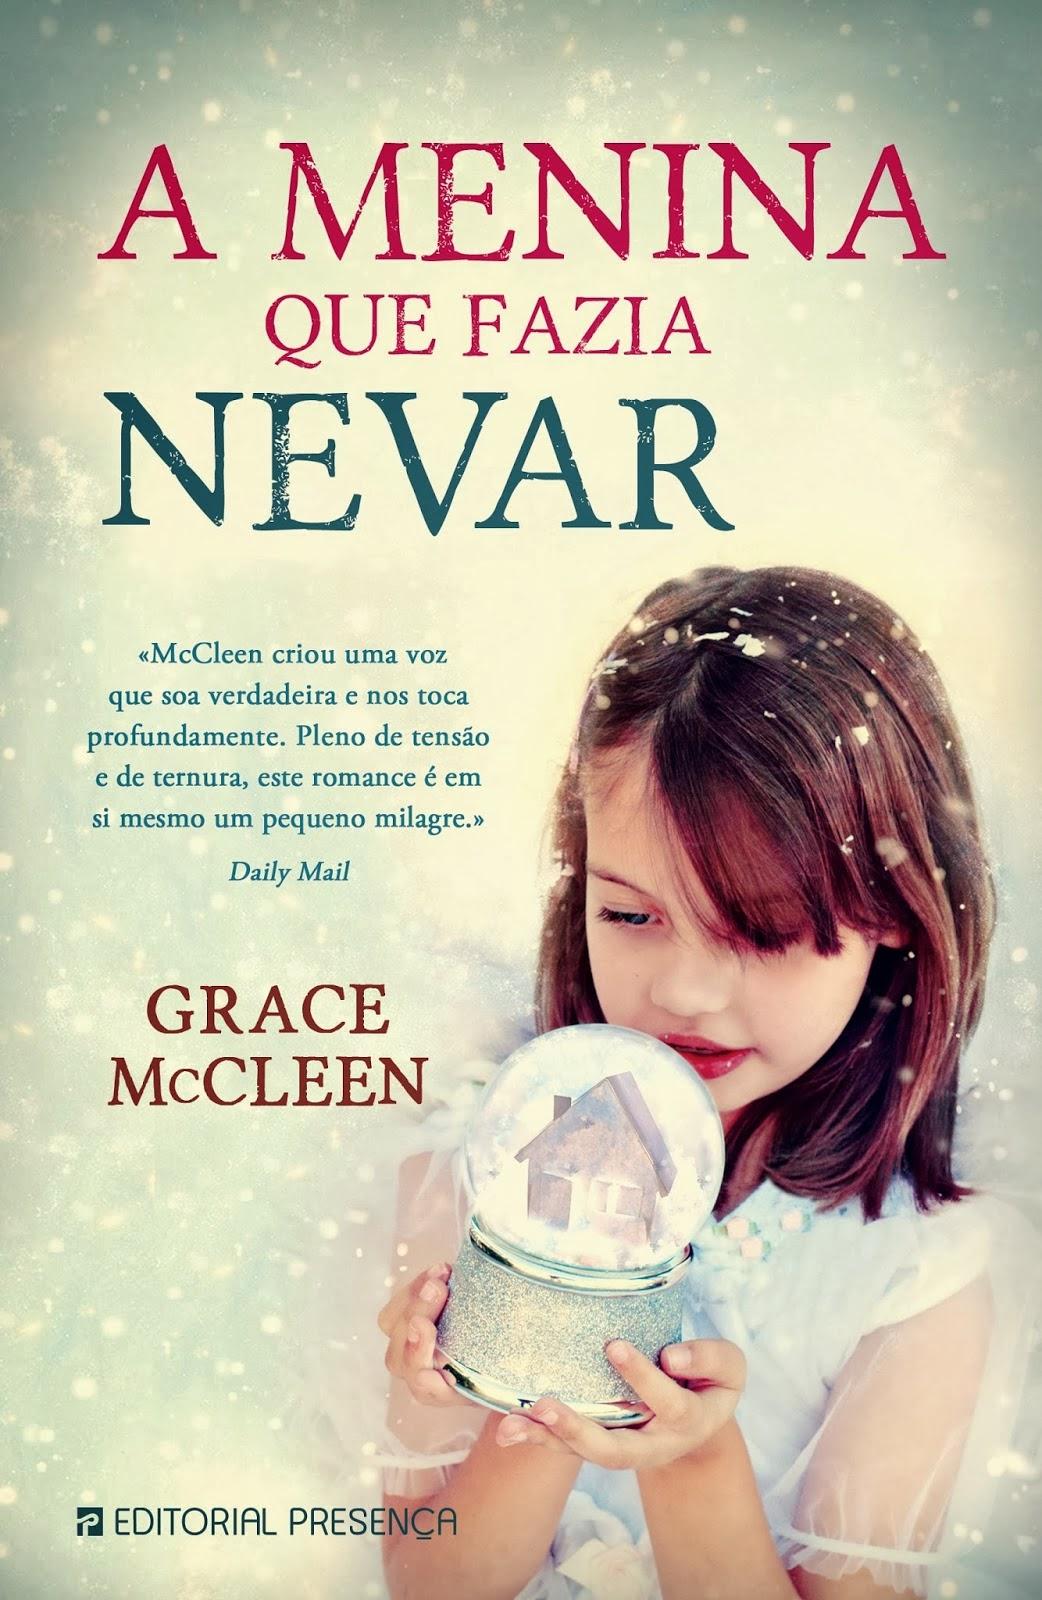 http://www.presenca.pt/livro/ficcao-e-literatura/romance-contemporaneo/a-menina-que-fazia-nevar/?search_word=a%20menina%20que%20fazia%20nevar